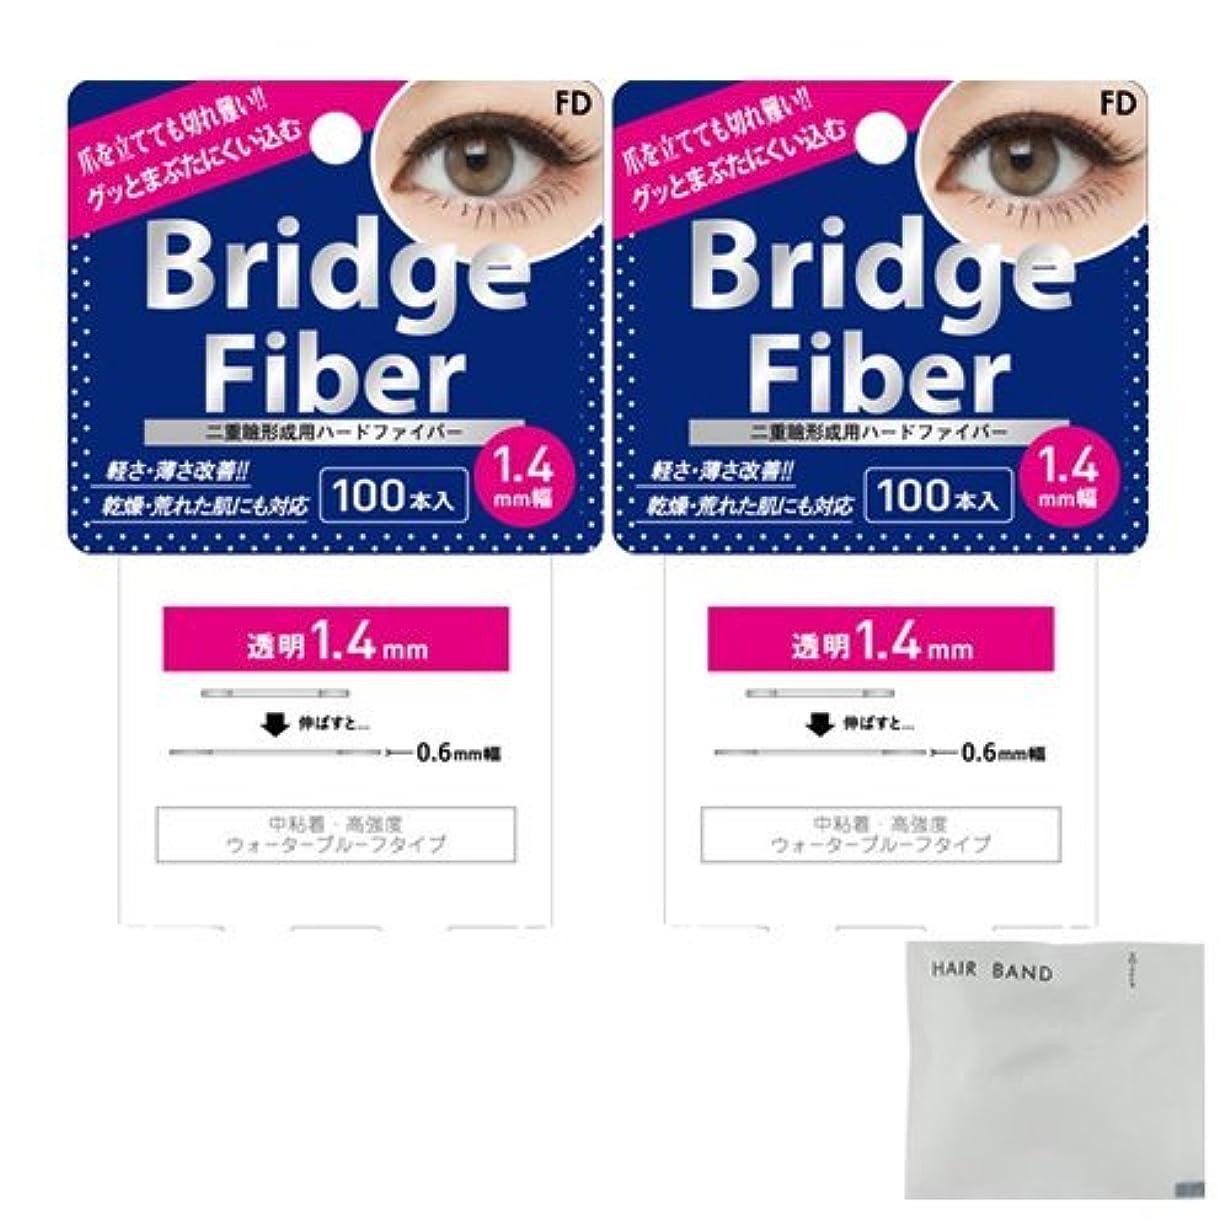 出席するマラソン一元化するFD ブリッジファイバーⅡ (Bridge Fiber) クリア1.4mm×2個 + ヘアゴム(カラーはおまかせ)セット